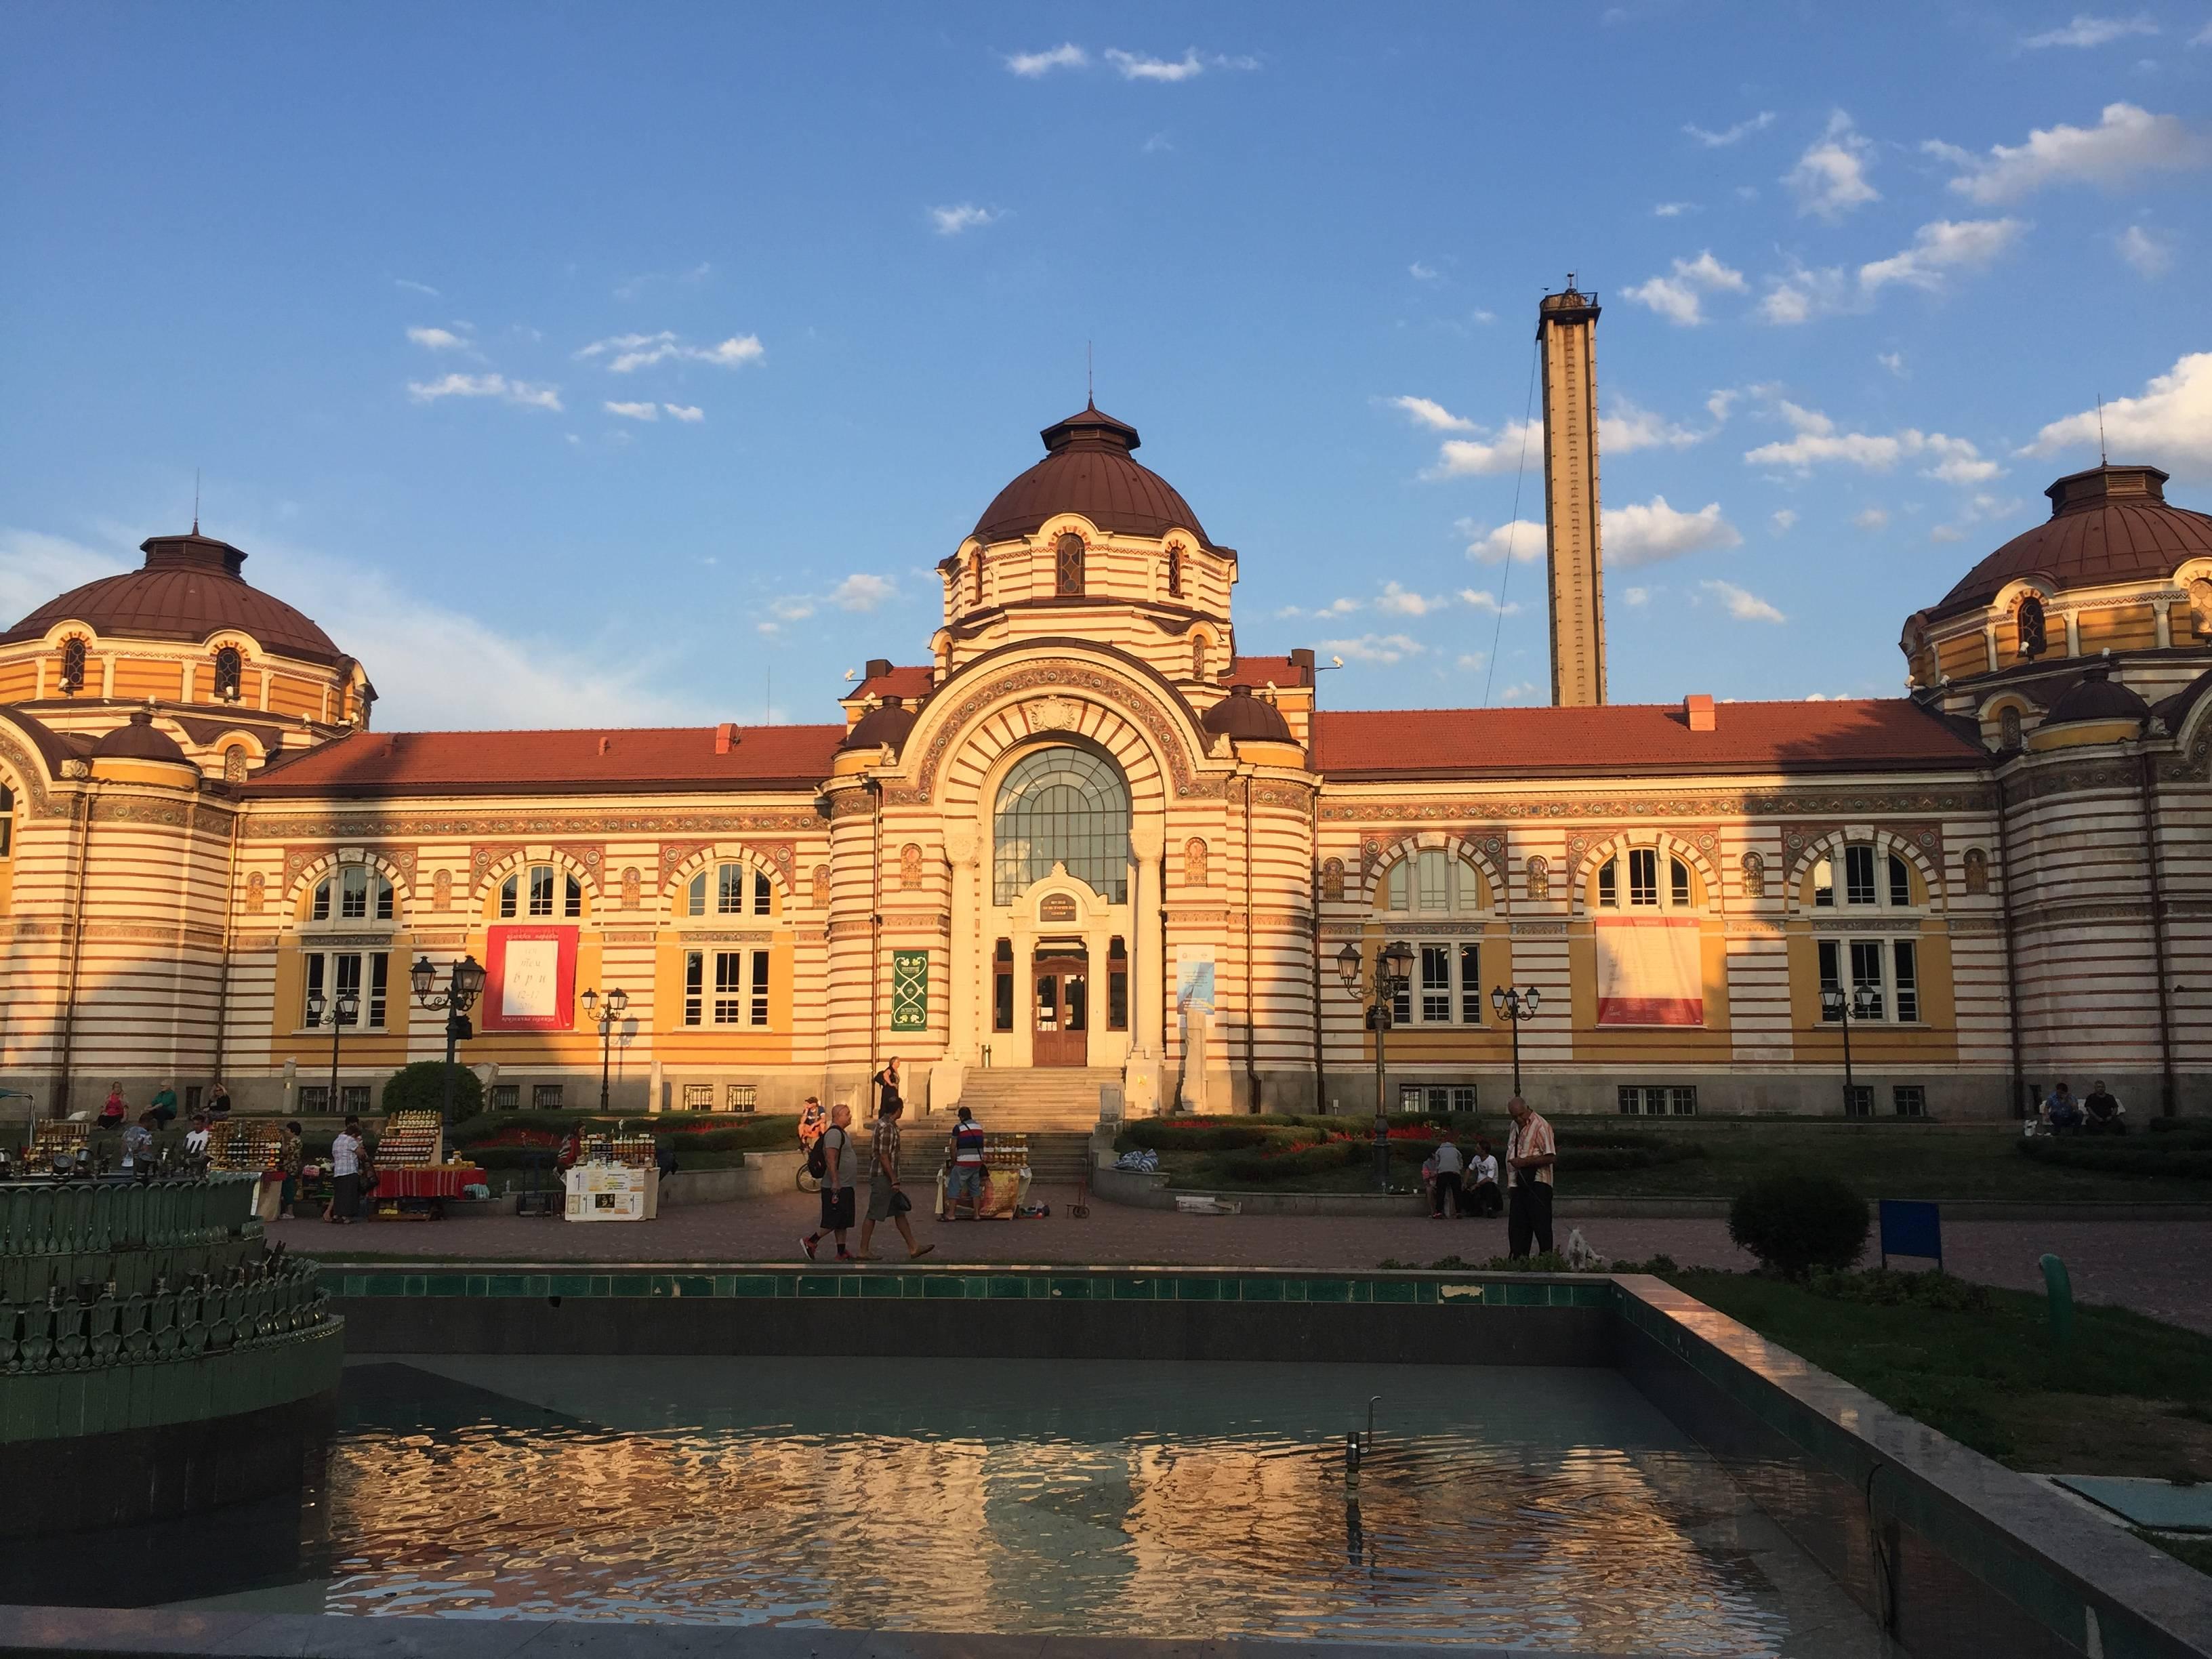 Photo 2: Sofia, capitale de la Bulgarie boudée des voyageurs